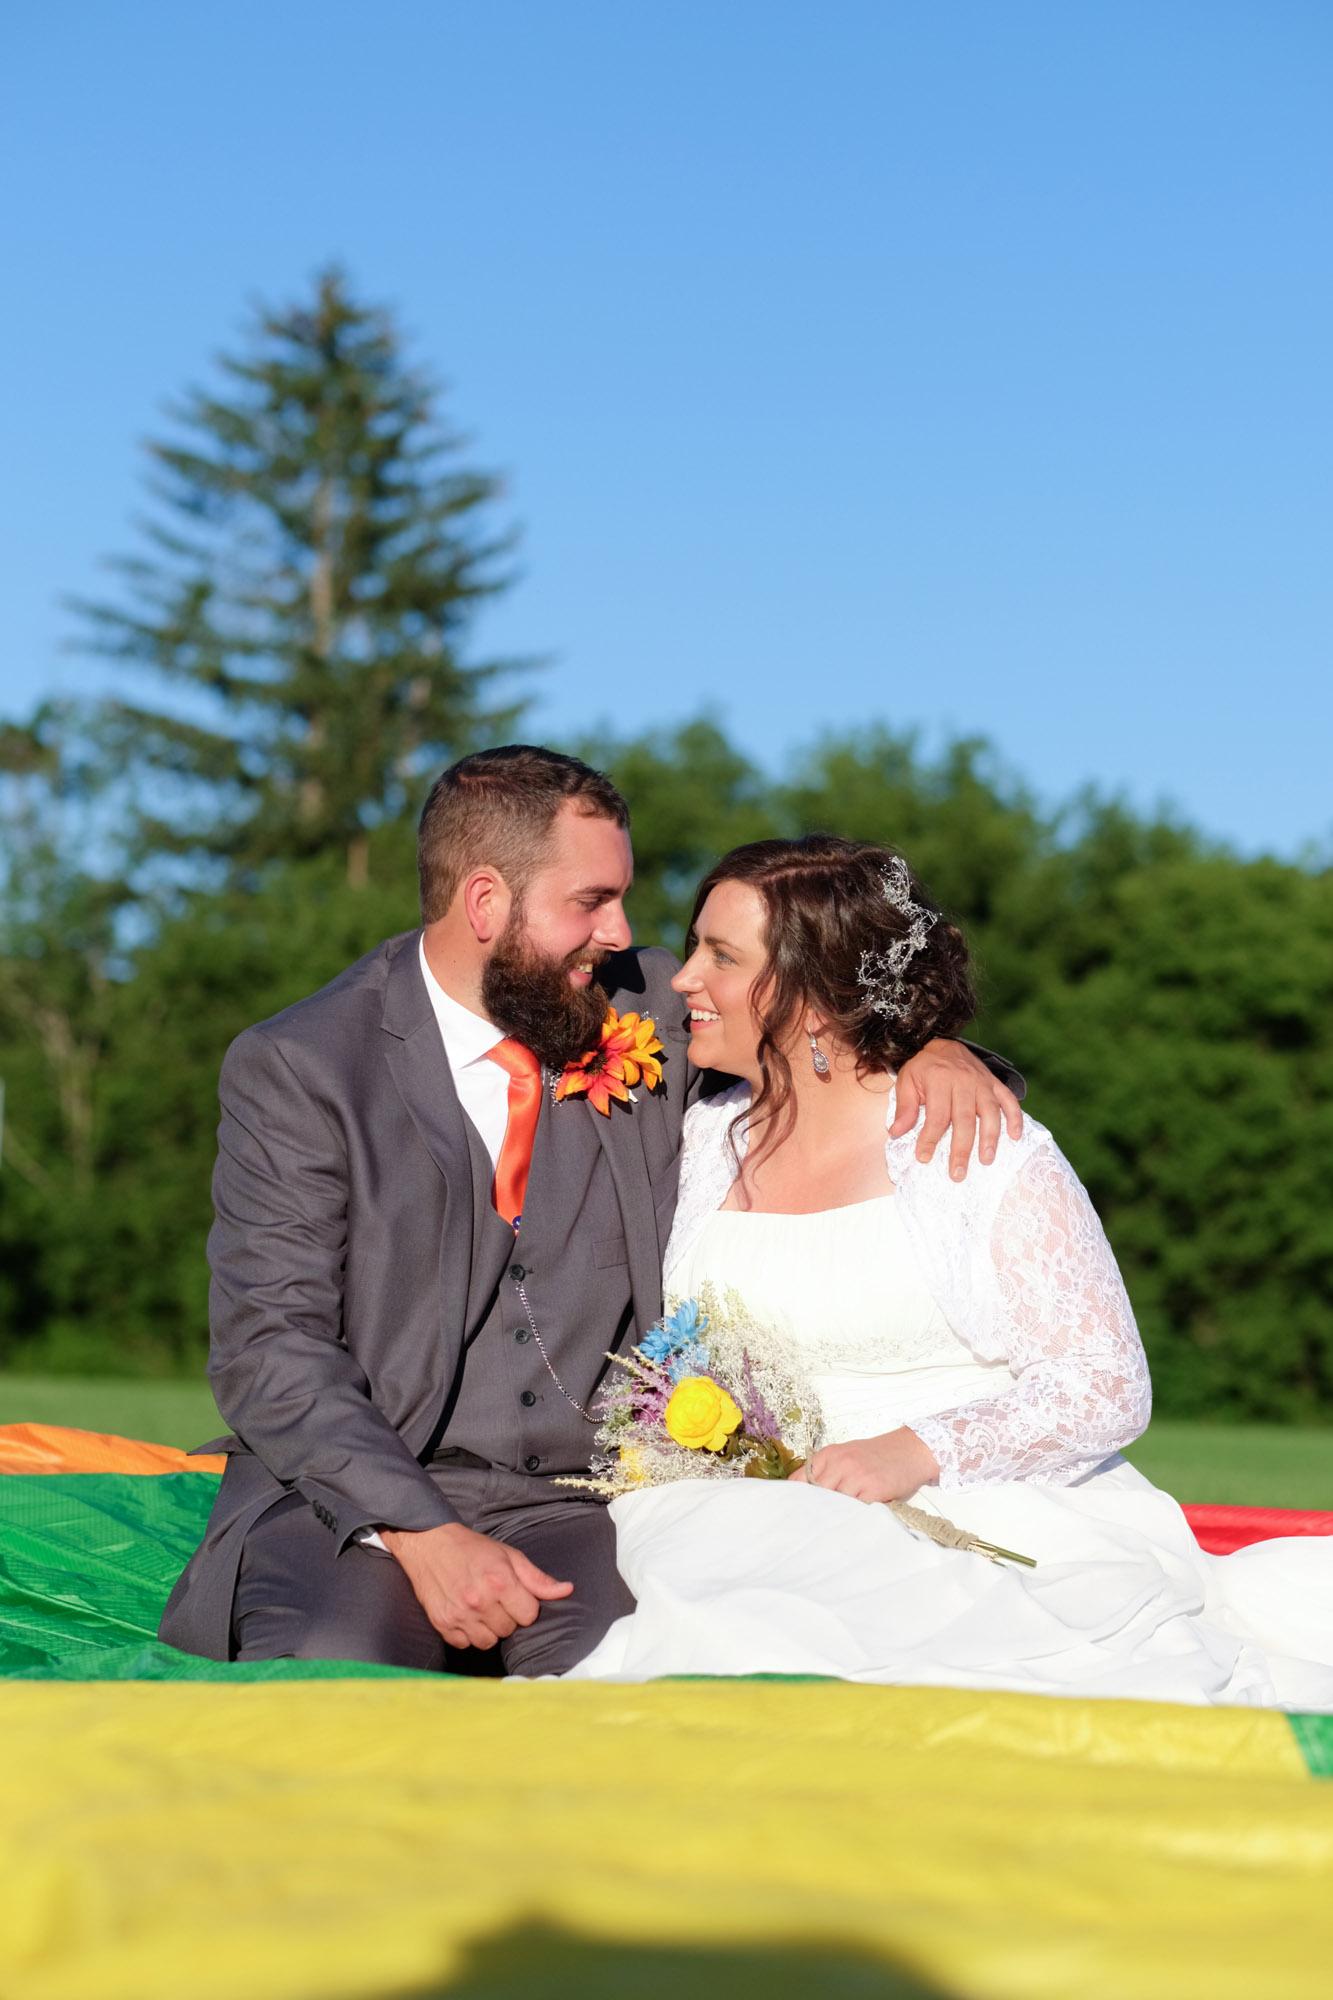 Shawn & Danielle Hot Air Balloon Wedding 24